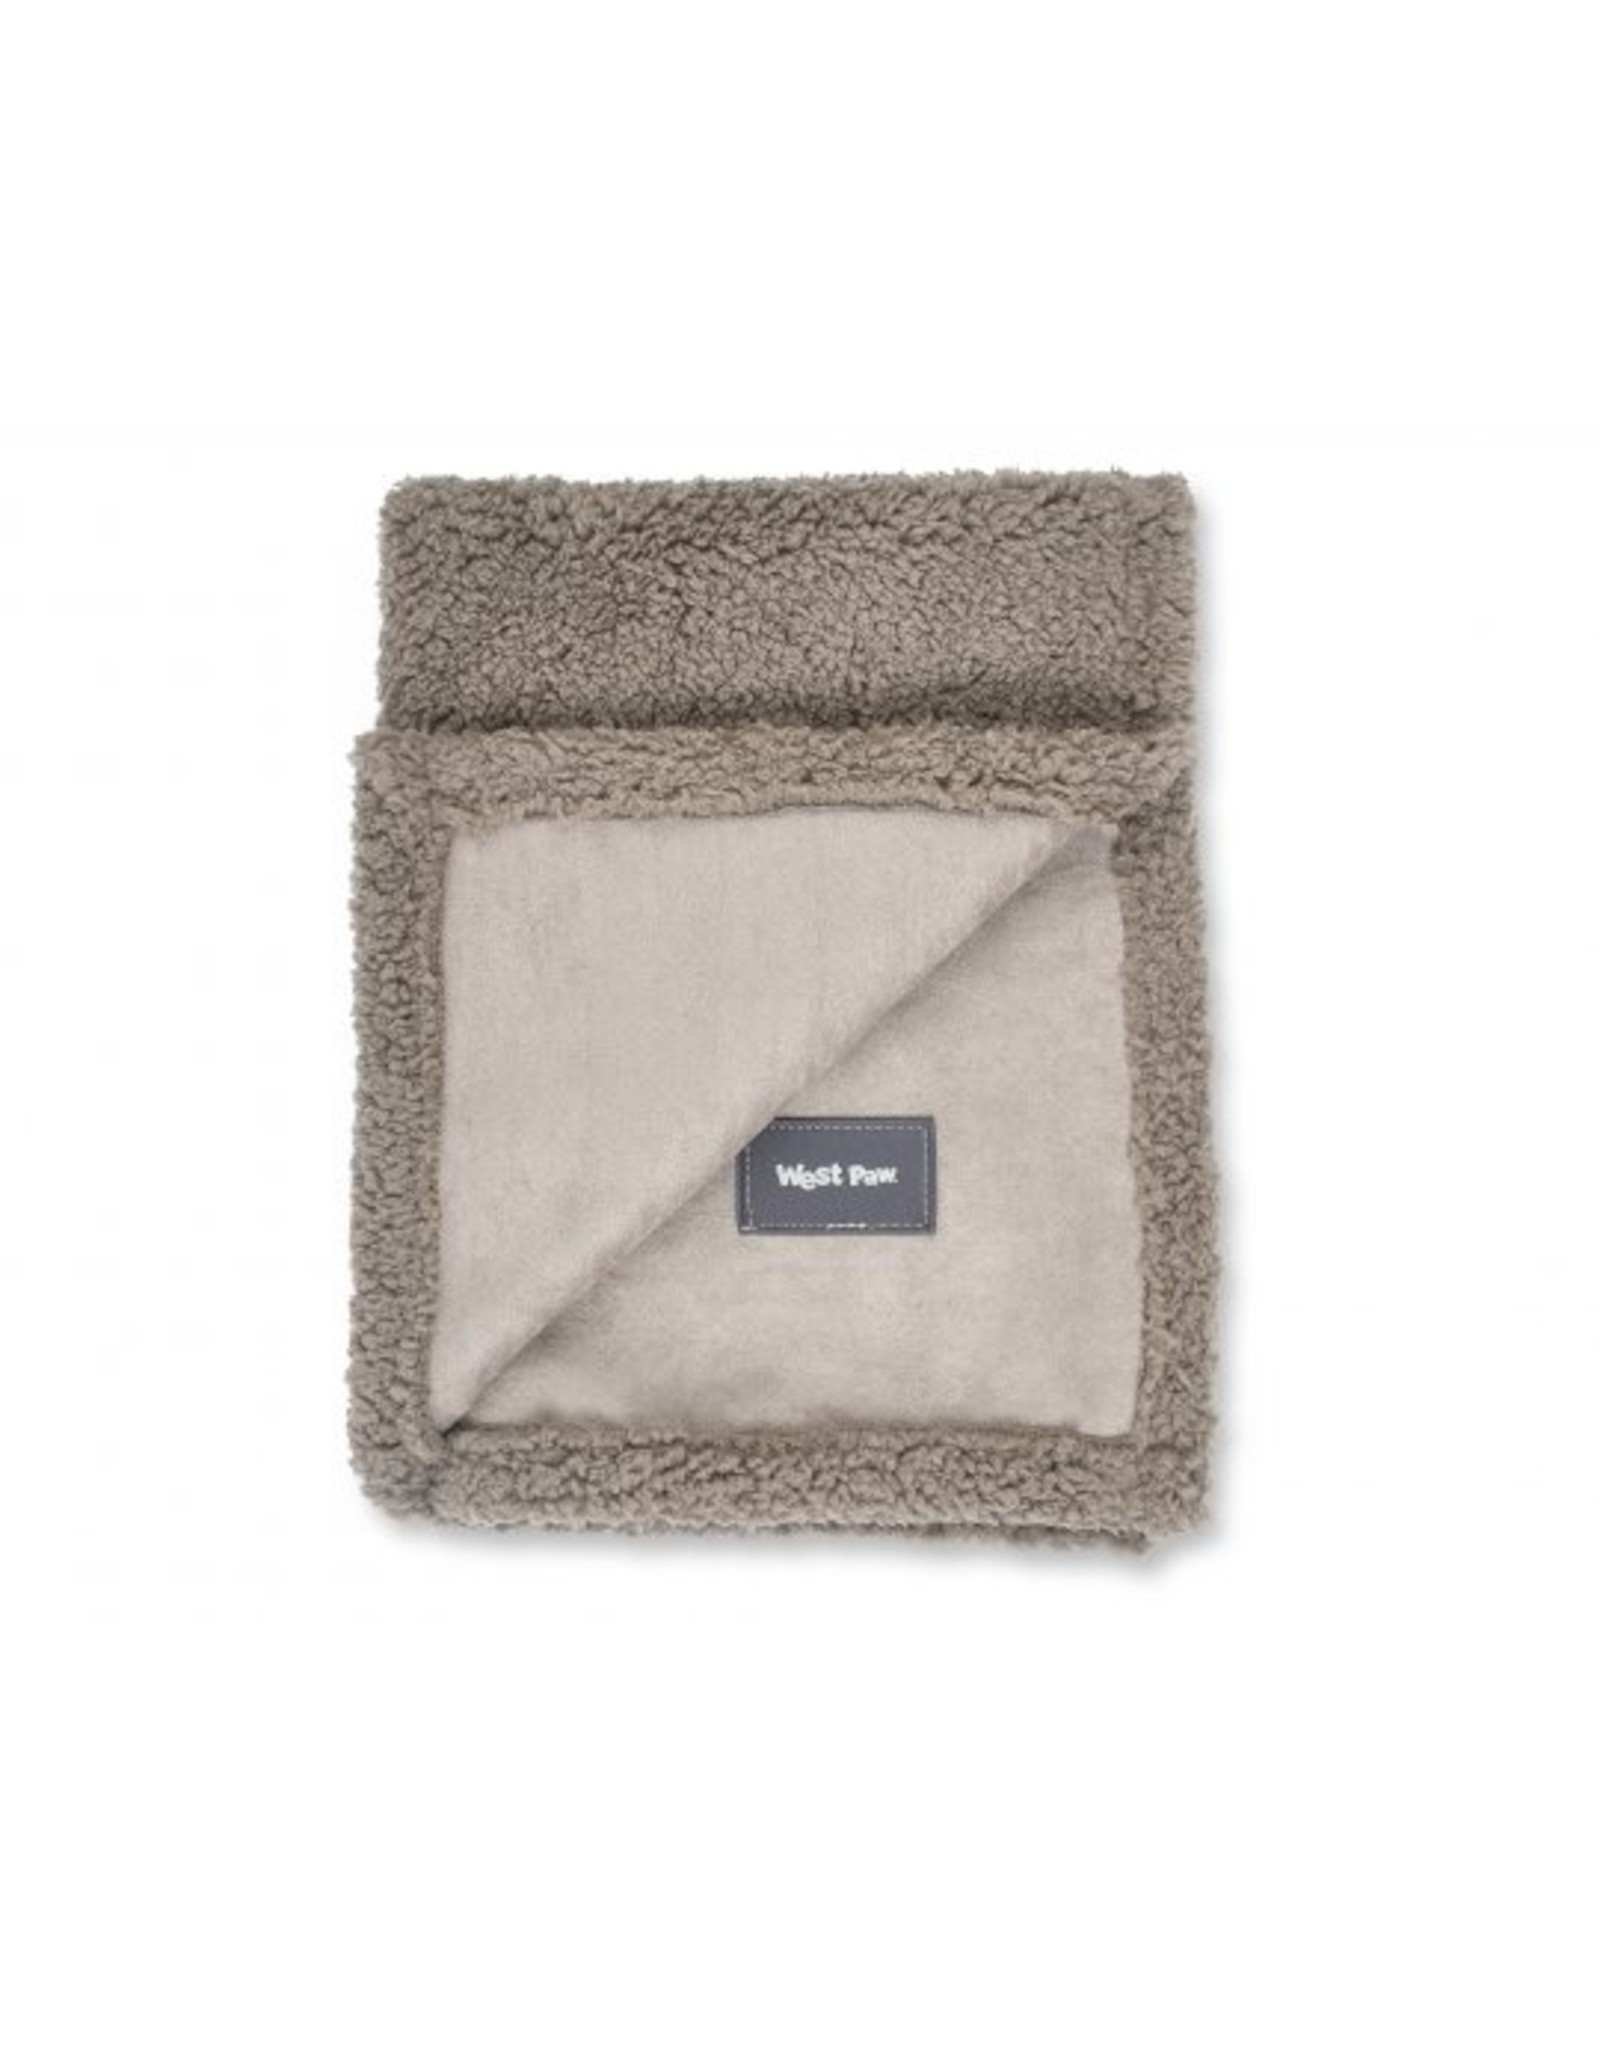 West Paw Designs Westpaw: Big Sky Blanket S 27x21 Oatmeal